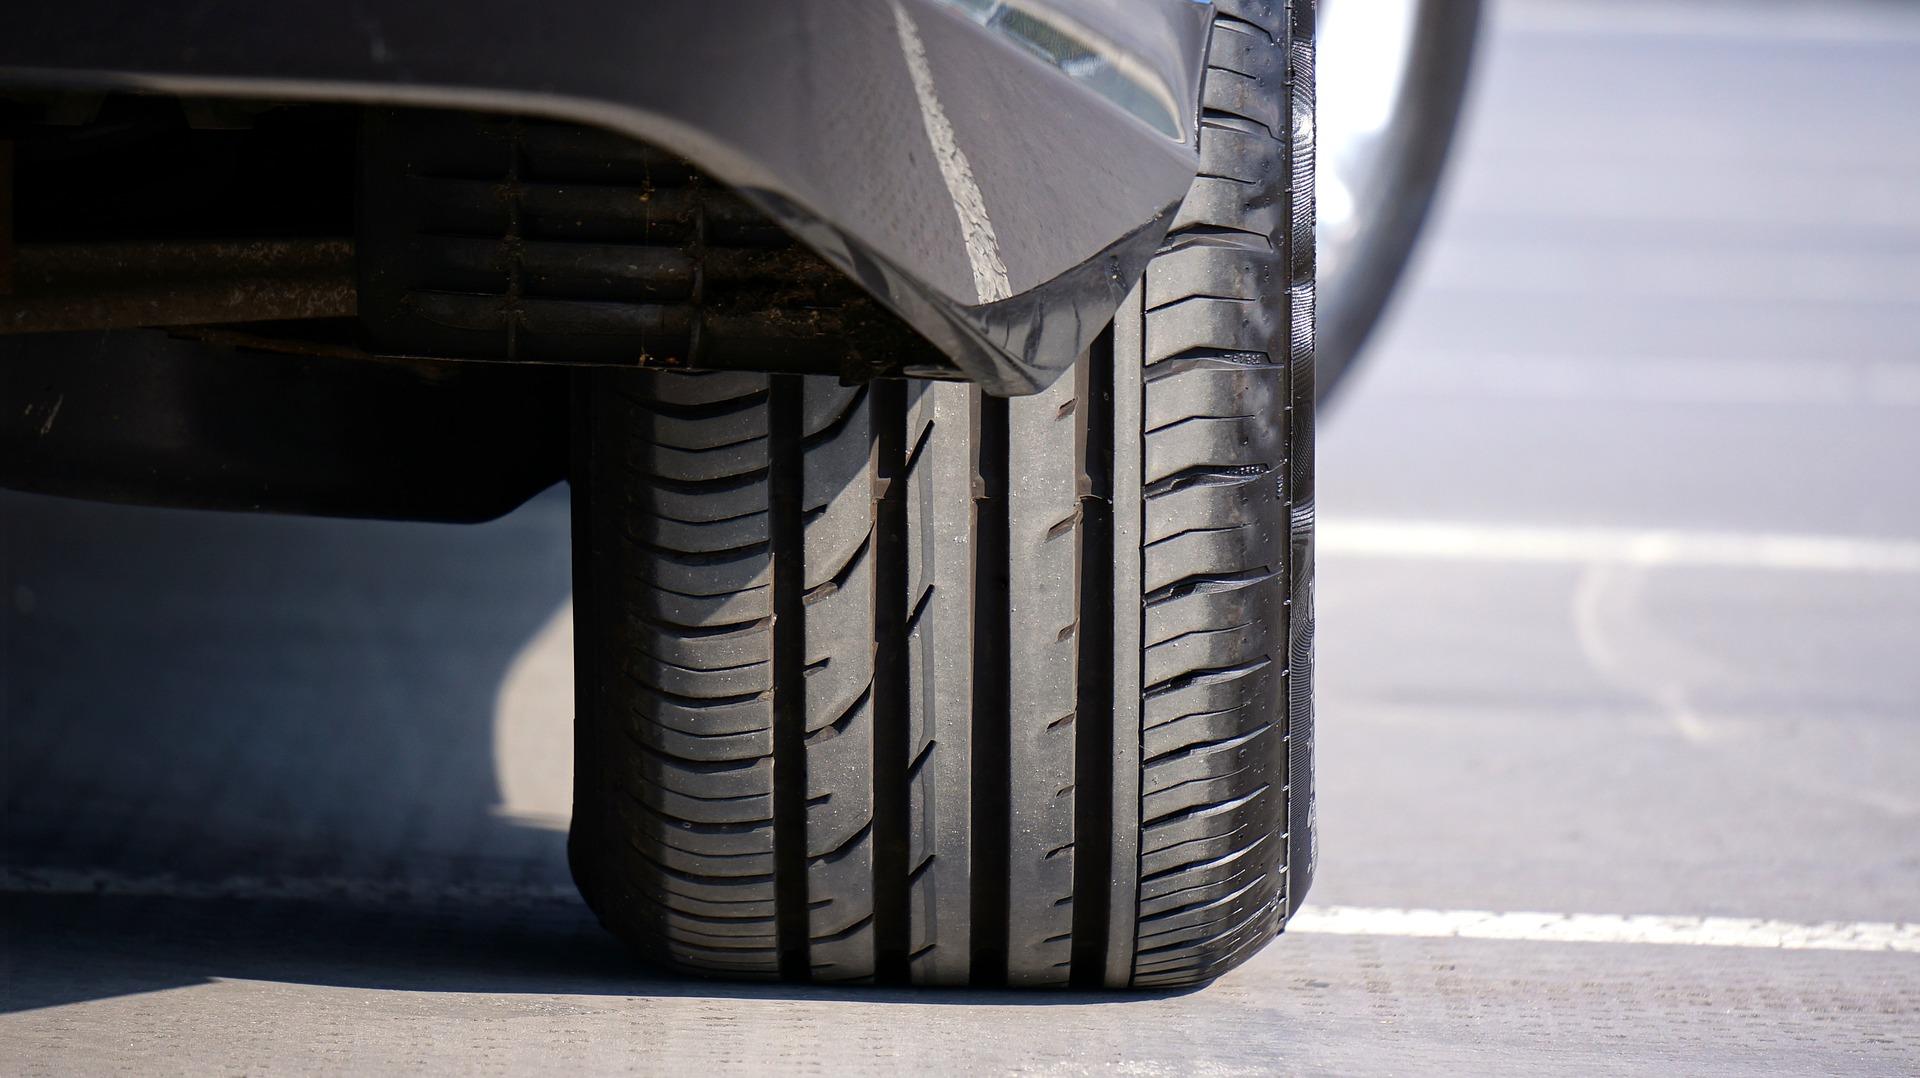 Affinez vos connaissances sur le parallélisme de votre voiture 3